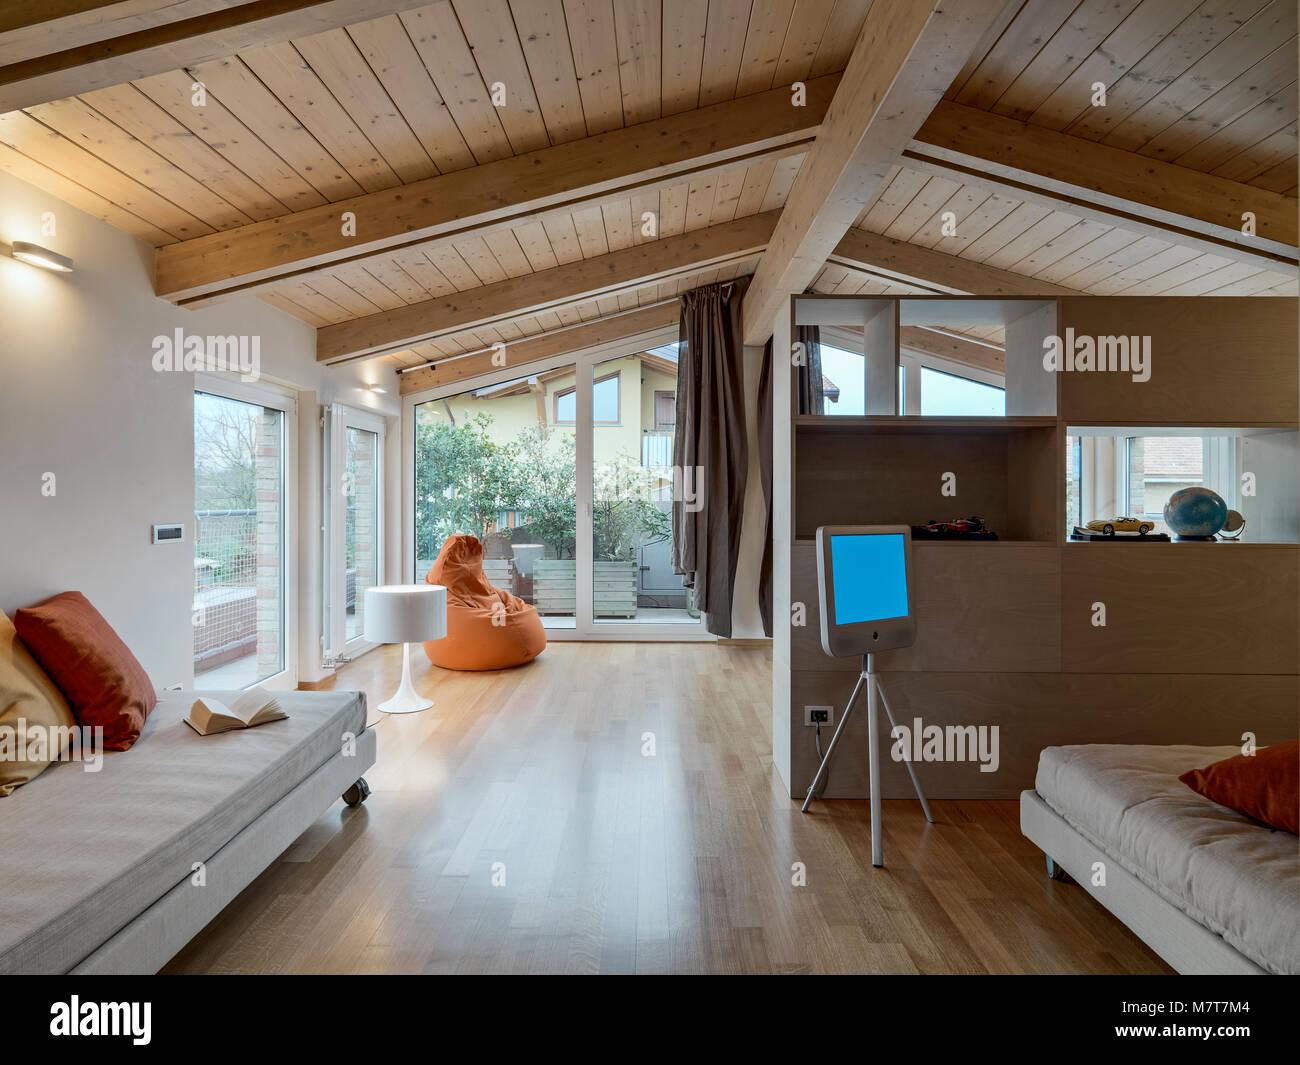 Perfect gli scatti in interni di una moderna mansarda con for Foto di mansarde arredate